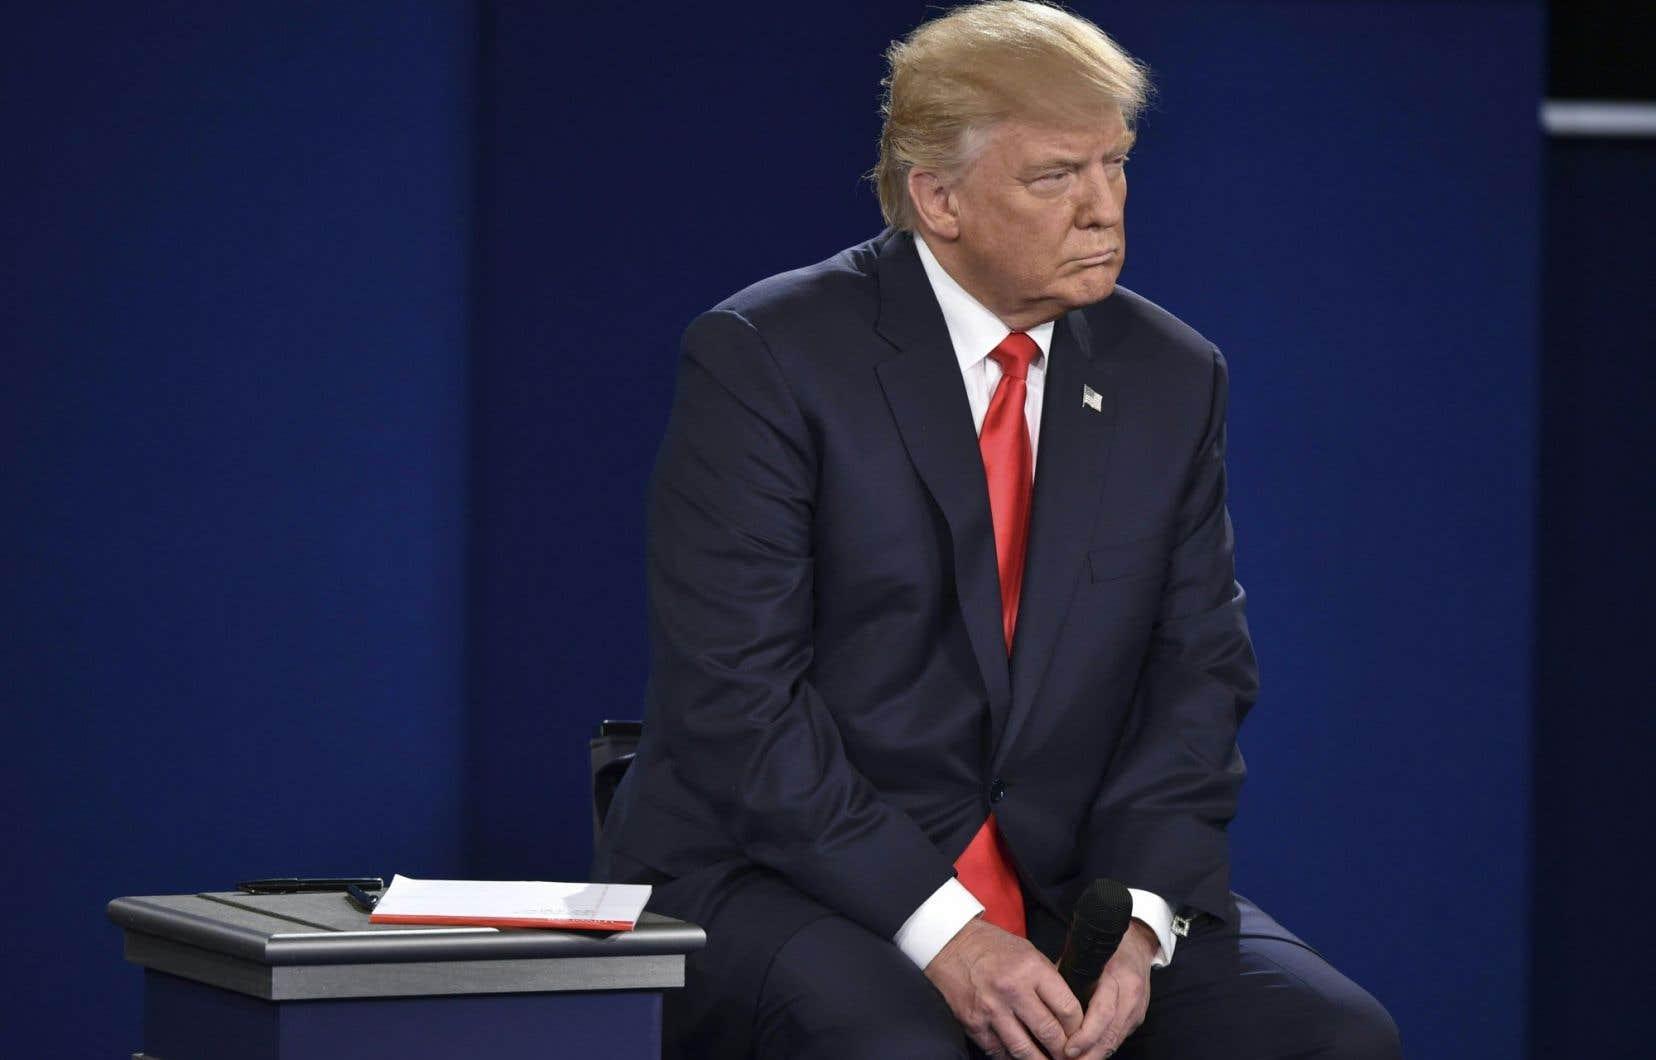 Lors du débat de dimanche soir, Donald Trump a fourni de nombreuses citations chocs, tels ses bons mots pour la Russie, que le clan Clinton s'est empressé de reprendre dans de nouvelles publicités.